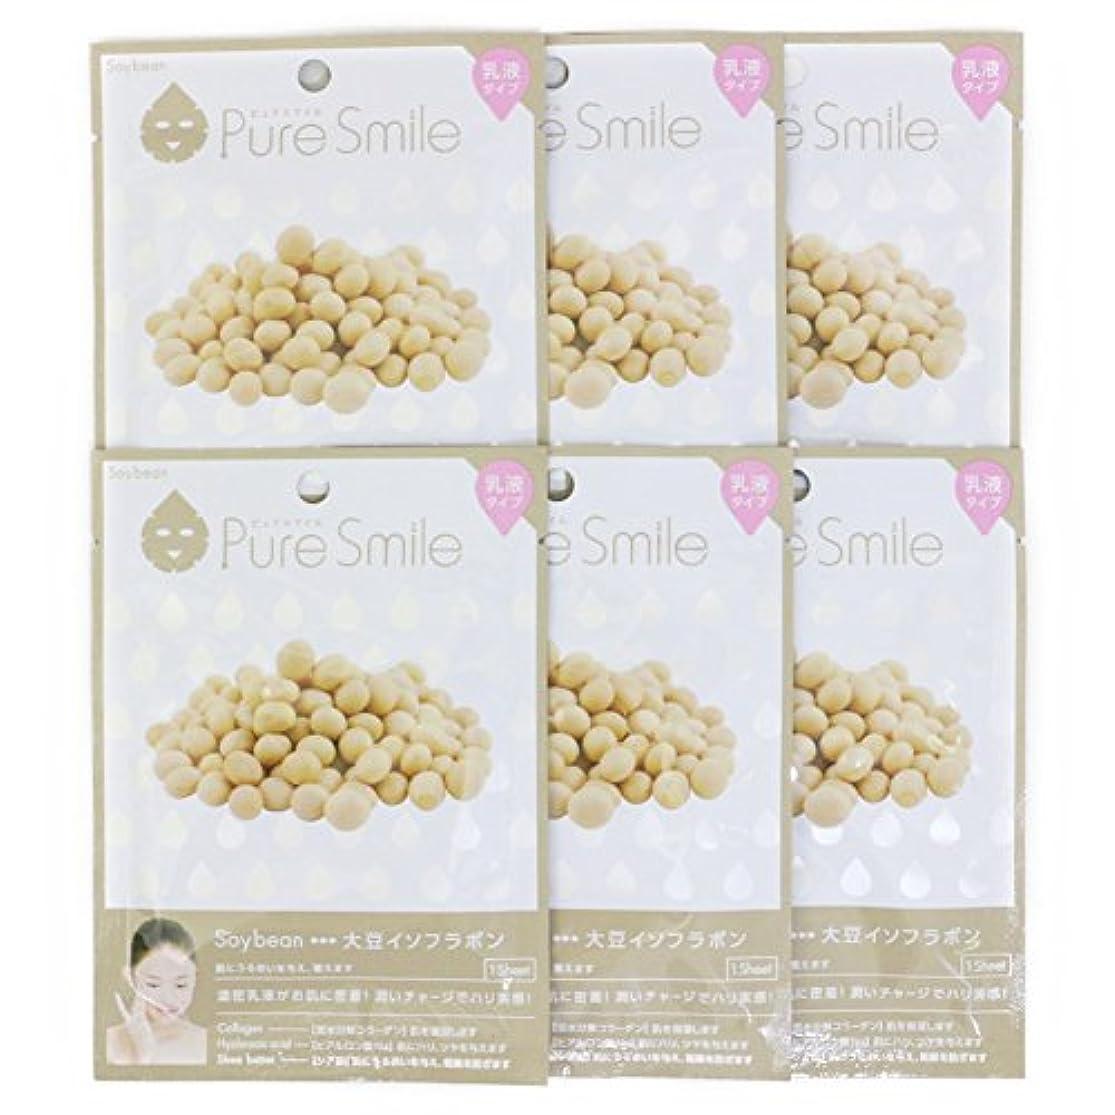 調子エッセイ真実にPure Smile ピュアスマイル 乳液エッセンスマスク 大豆イソフラボン 6枚セット